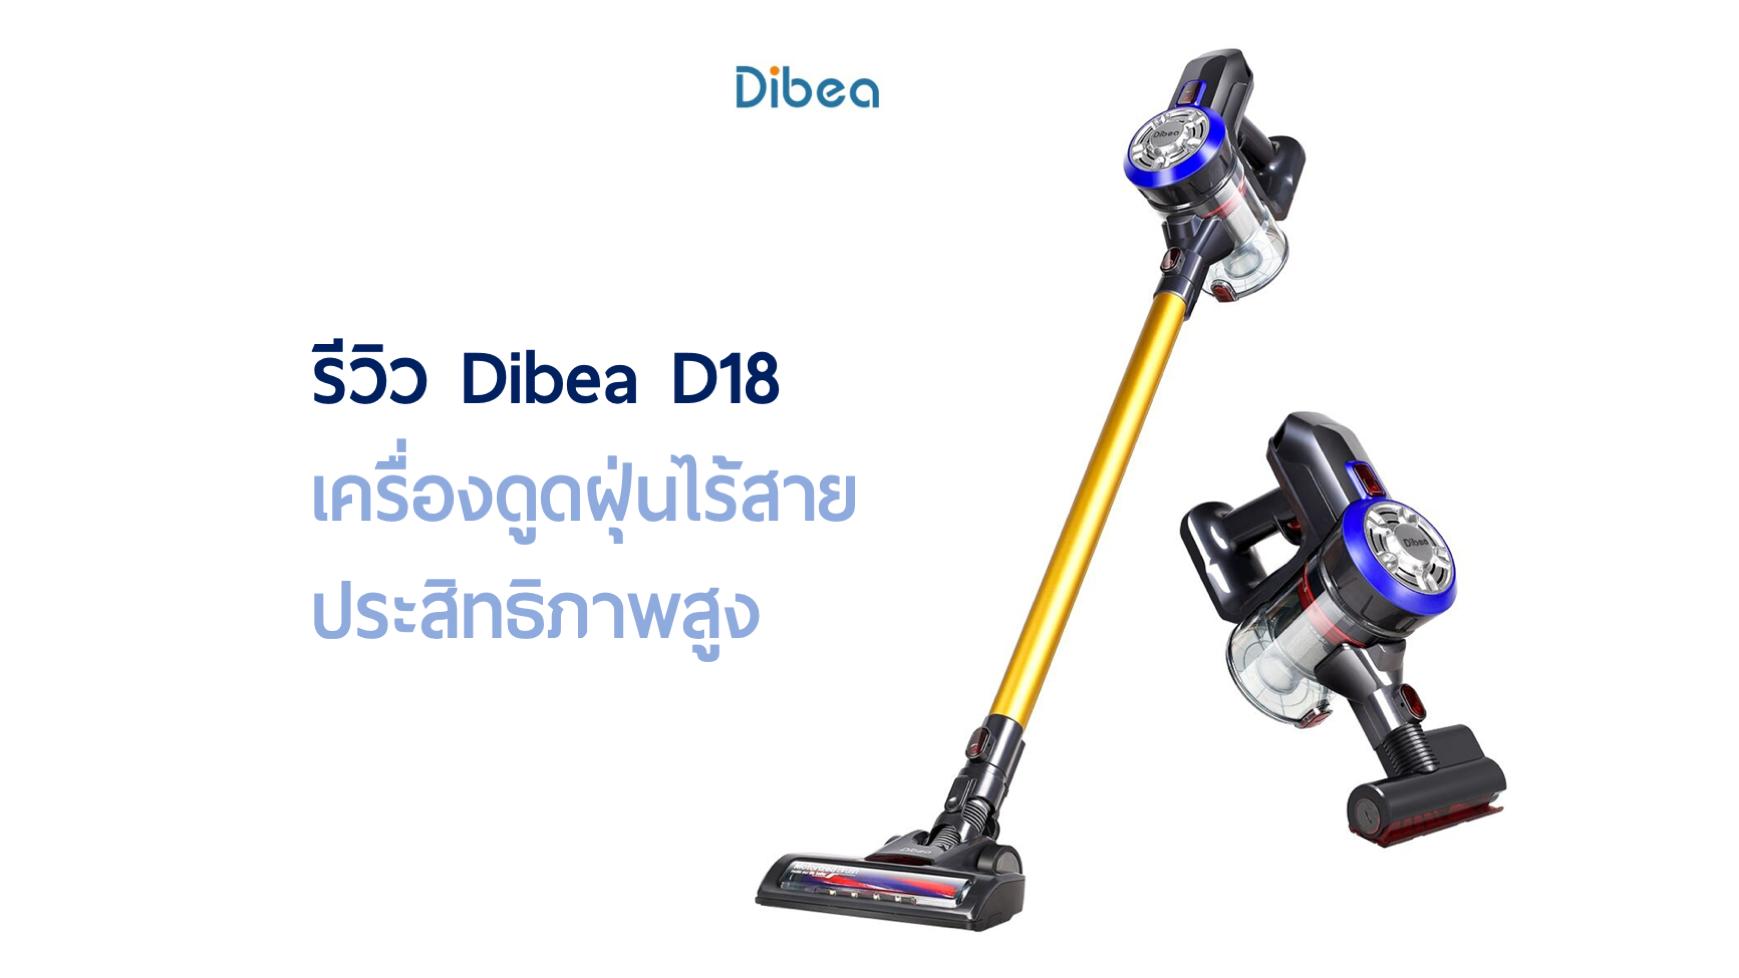 รีวิว Dibea D18 เครื่องดูดฝุ่นไร้สายประสิทธิภาพสูง 1